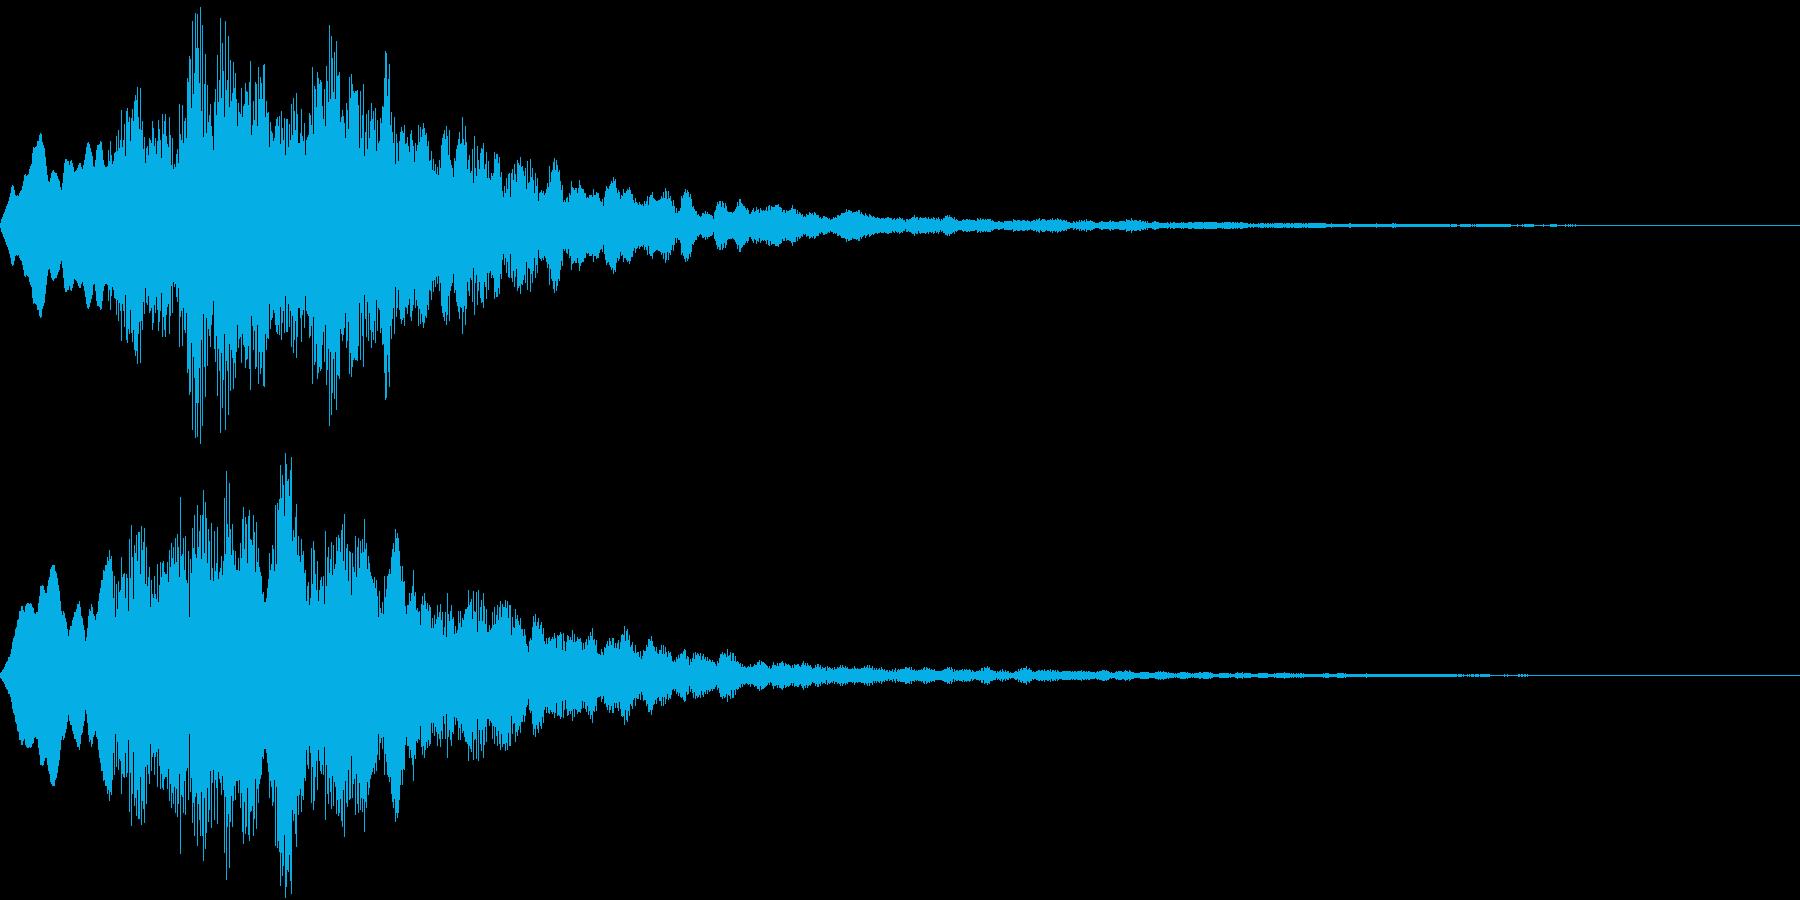 Level 短めのレベルアップSE 1の再生済みの波形